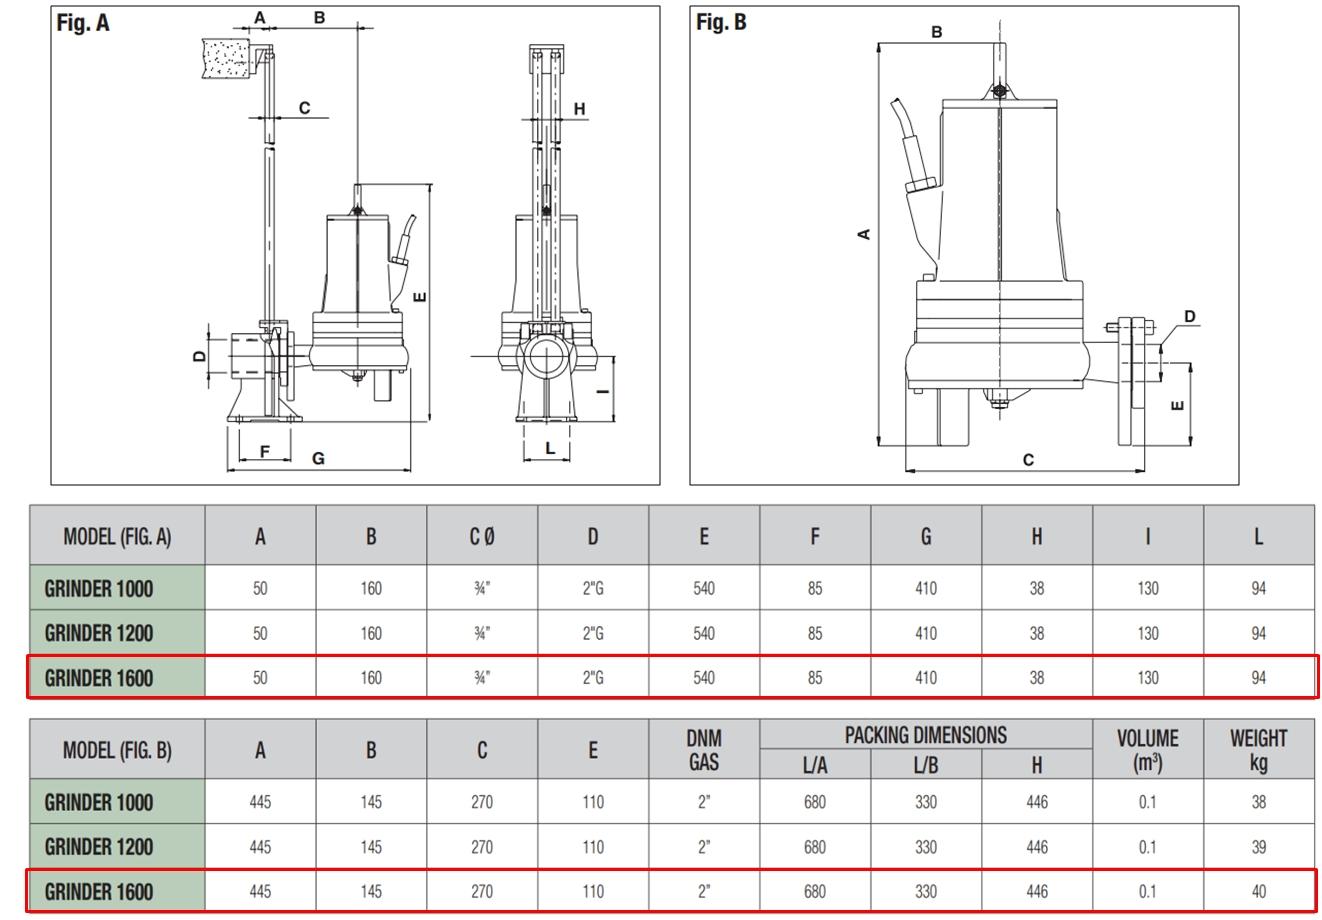 dab grinder 1600 t f kalienpumpe mit schneidwerk 18 39 000 l h 400 v 3 3 kw 2 4 bar. Black Bedroom Furniture Sets. Home Design Ideas